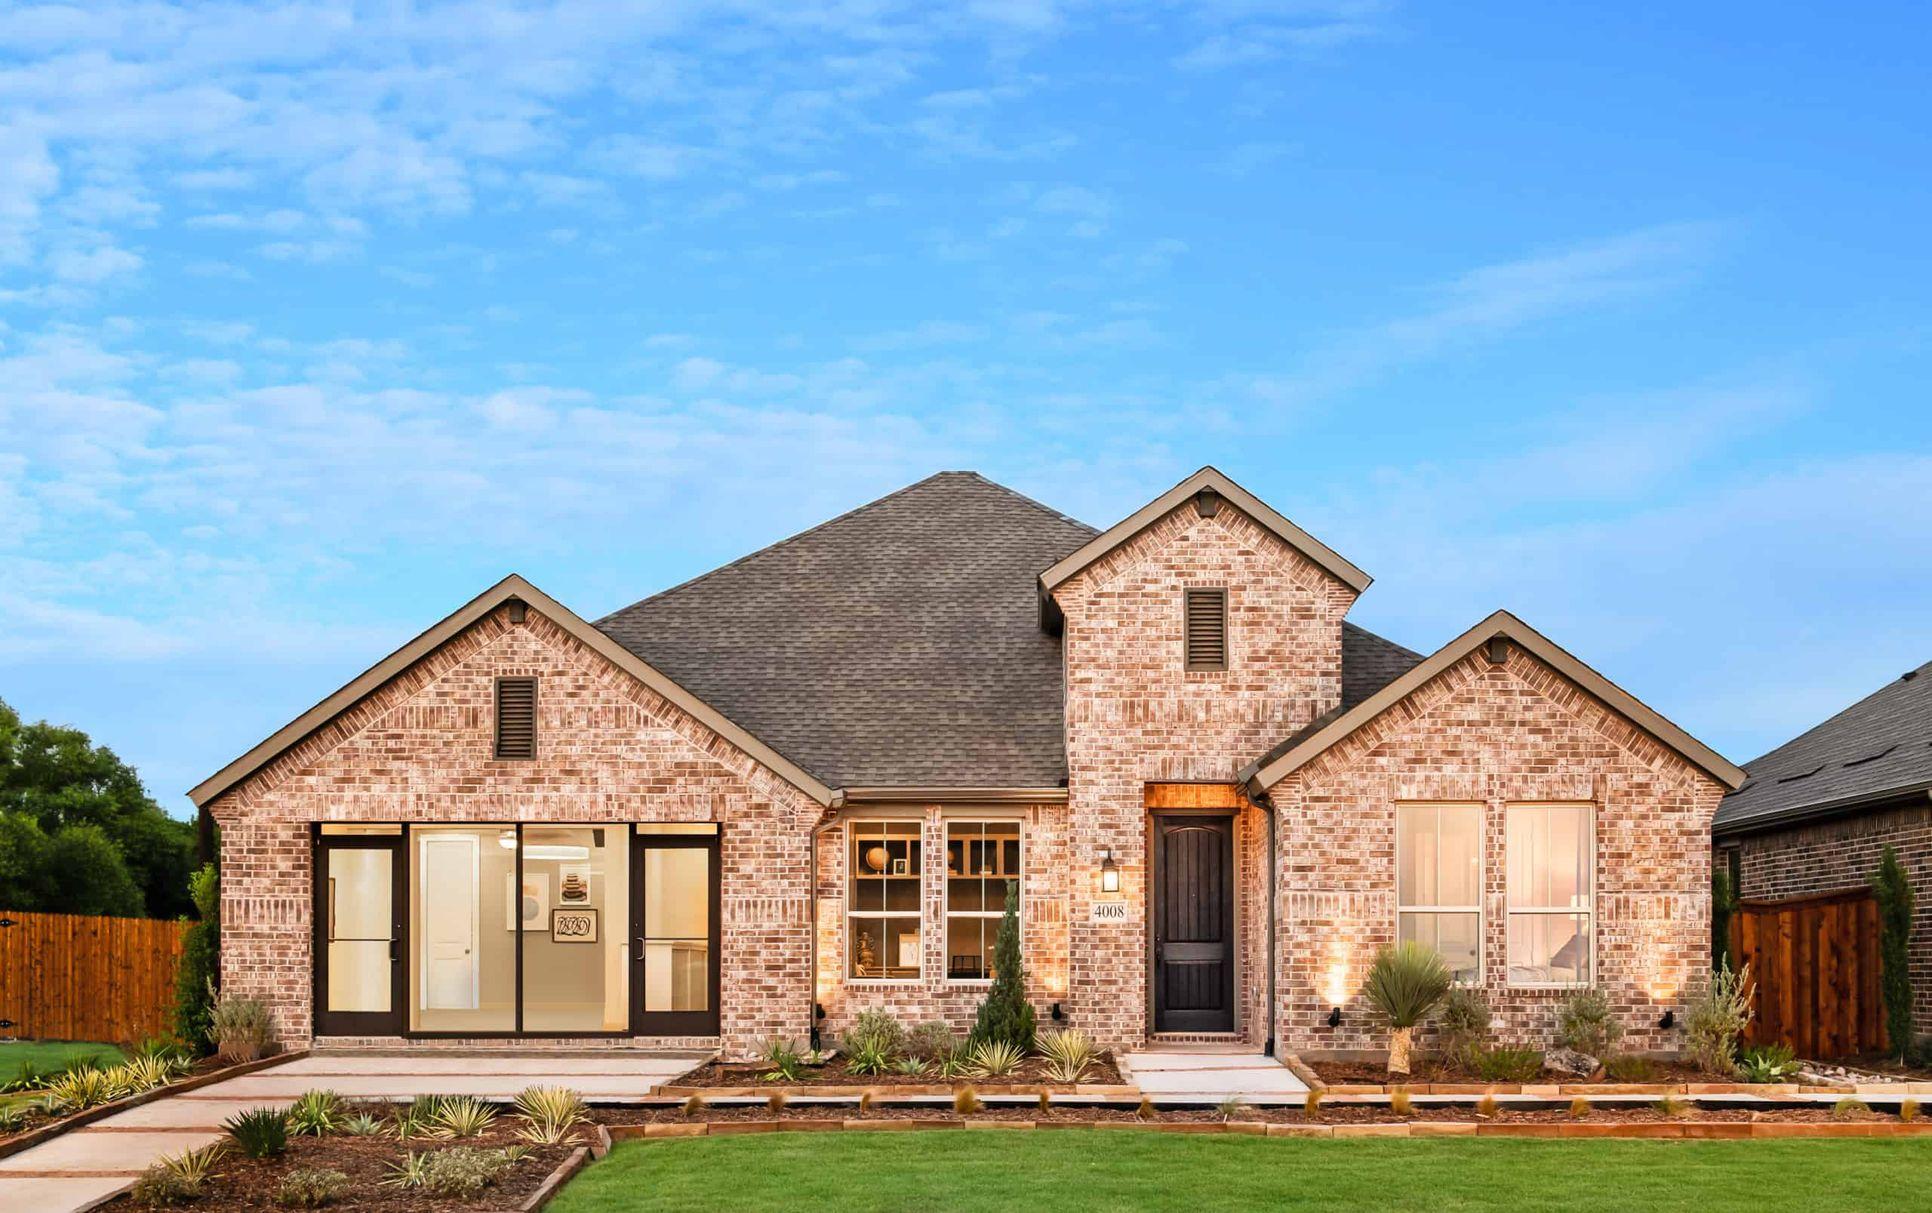 Exterior:Brayden Model Home